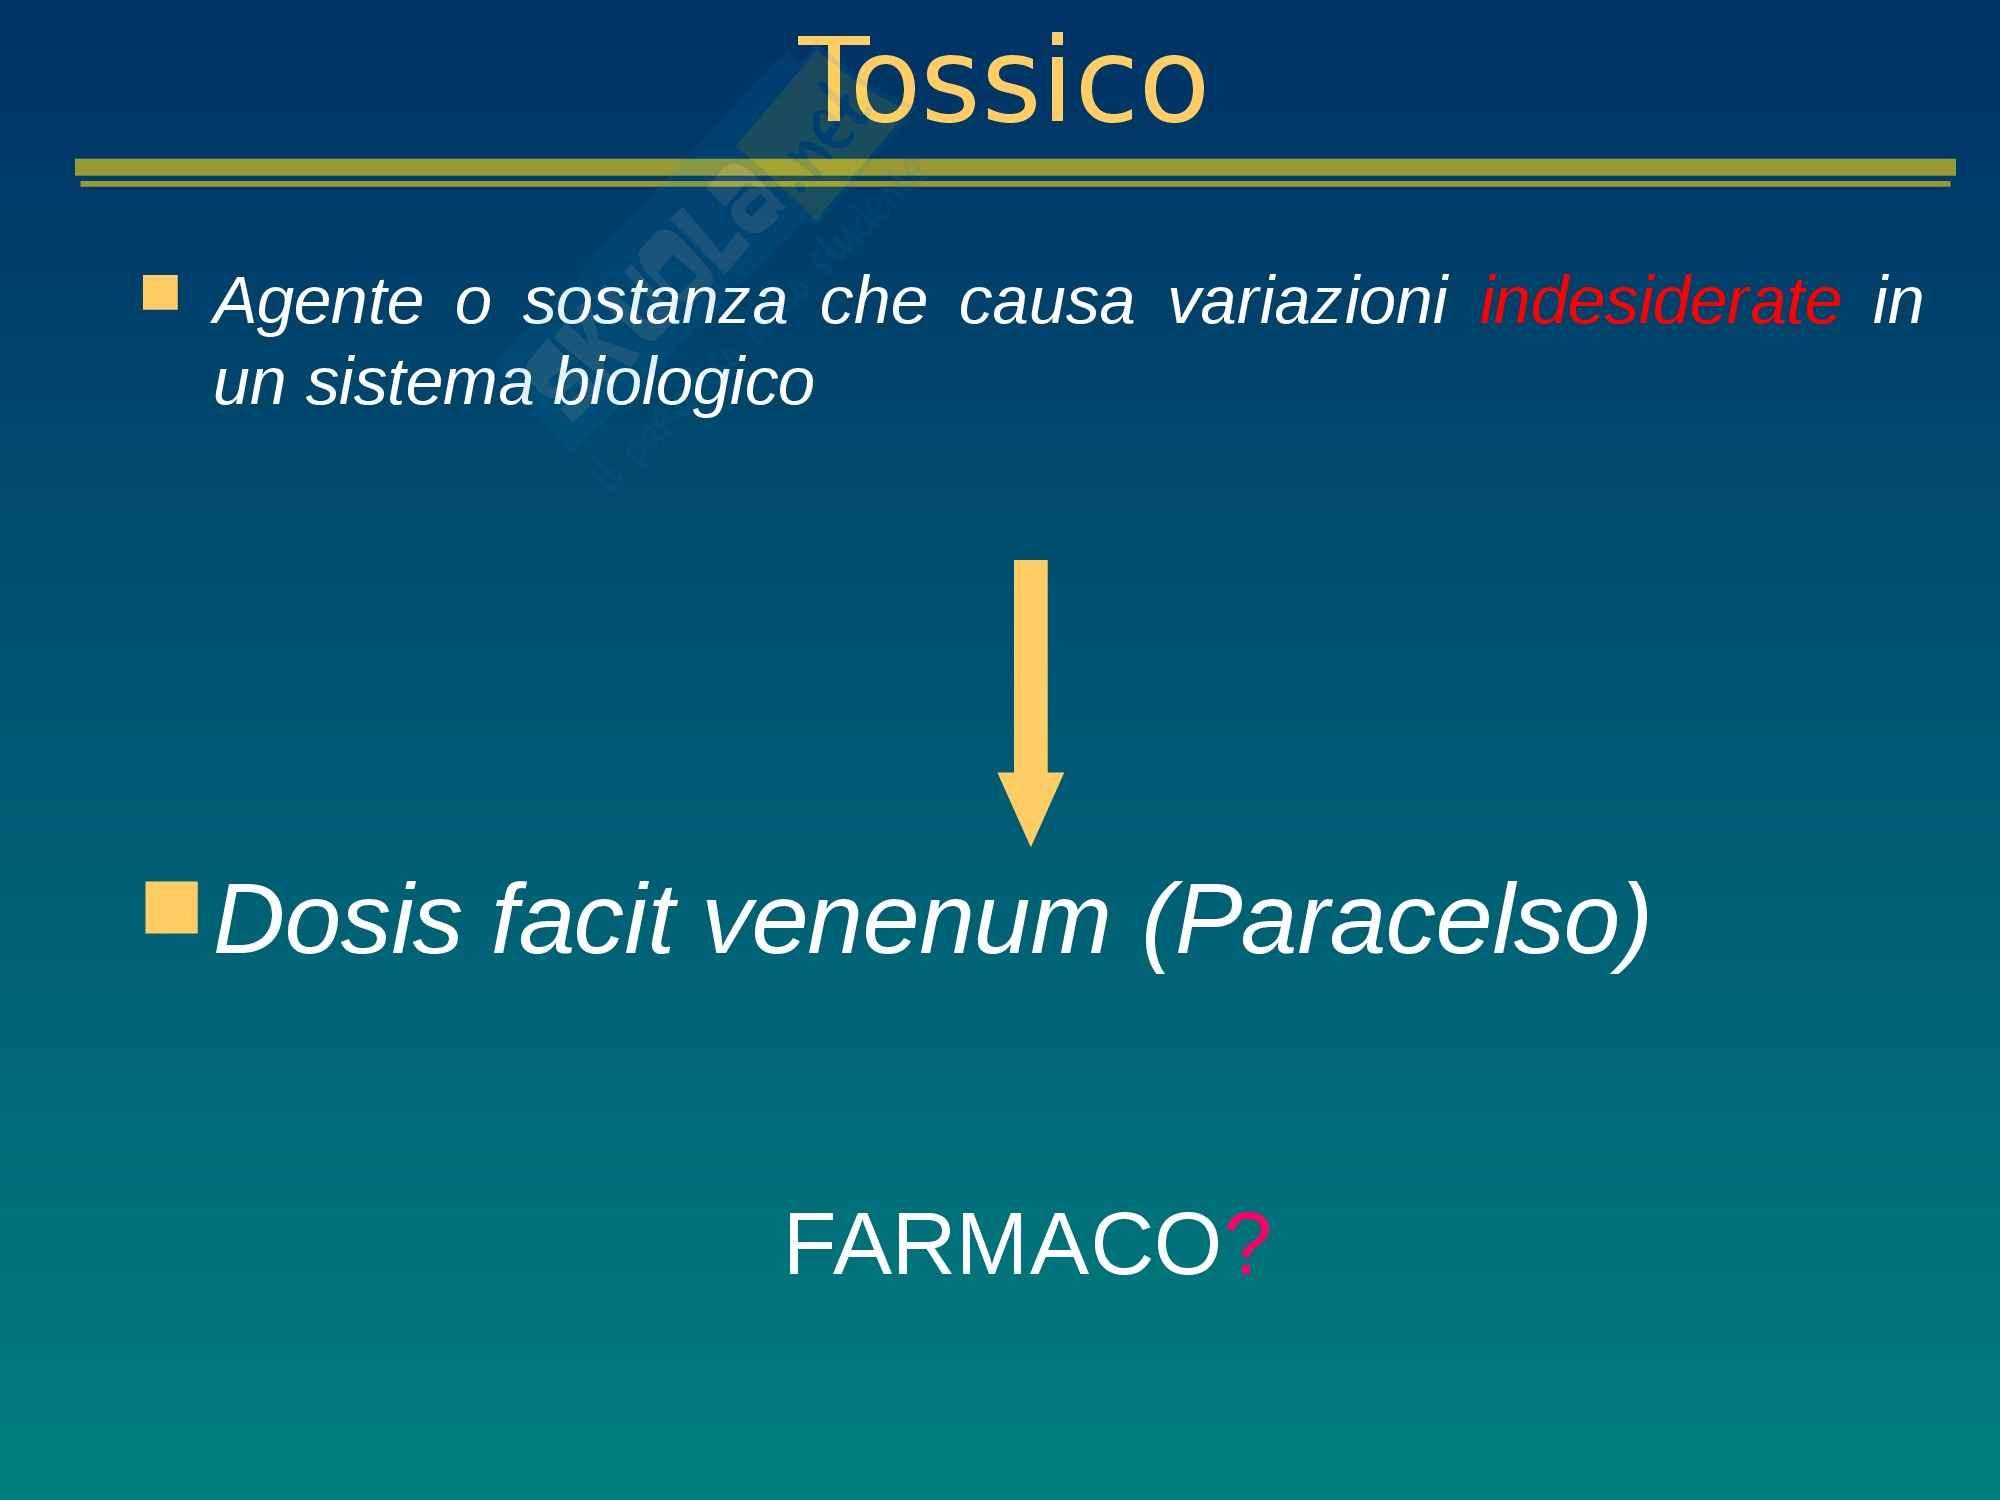 Tossicologia e mutagenesi ambientale, lezione 1 - Appunti